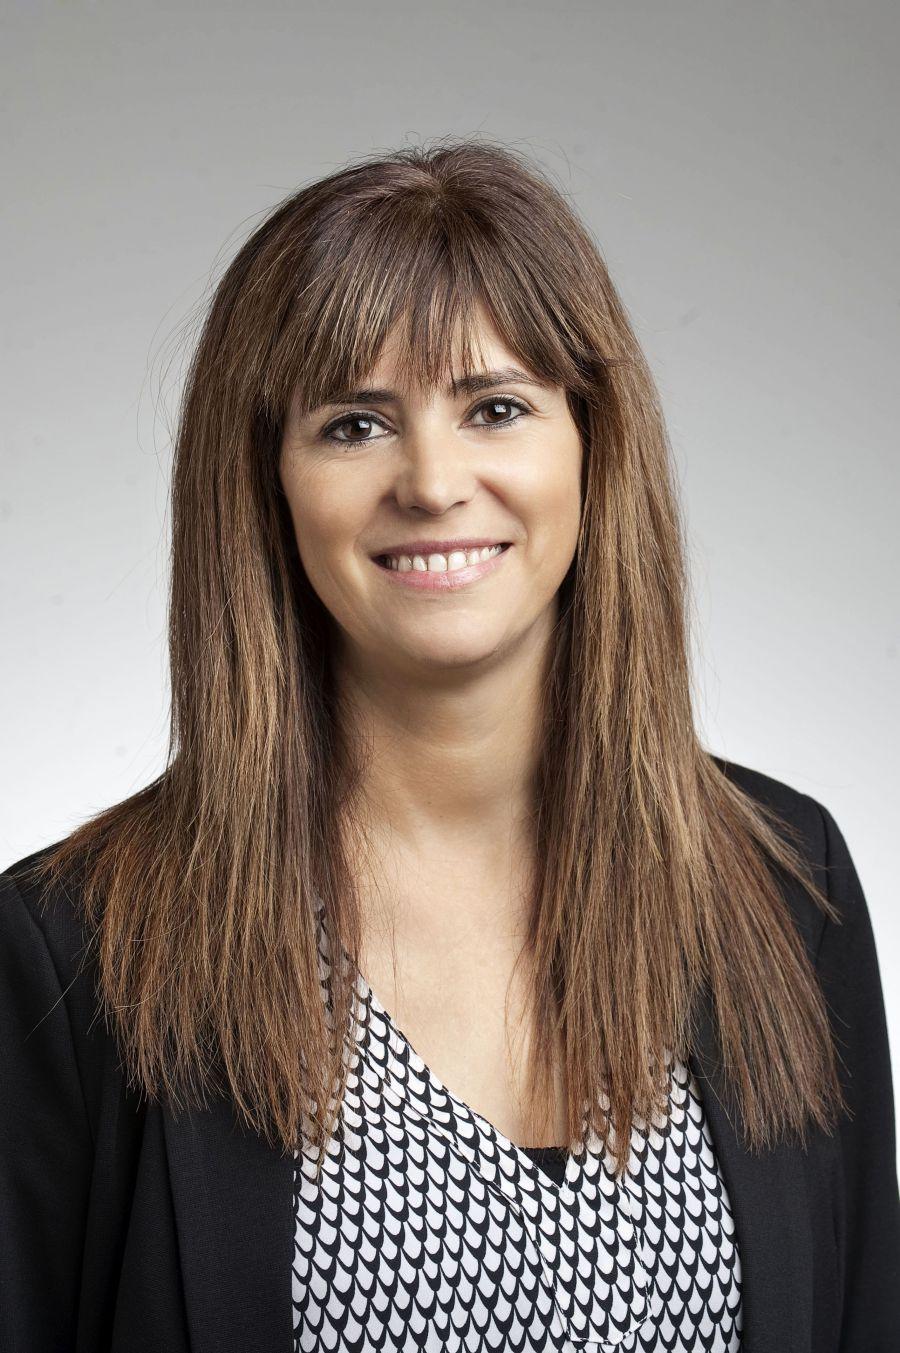 Nerea Martínez nombrada asesora de comunicación de Barkos